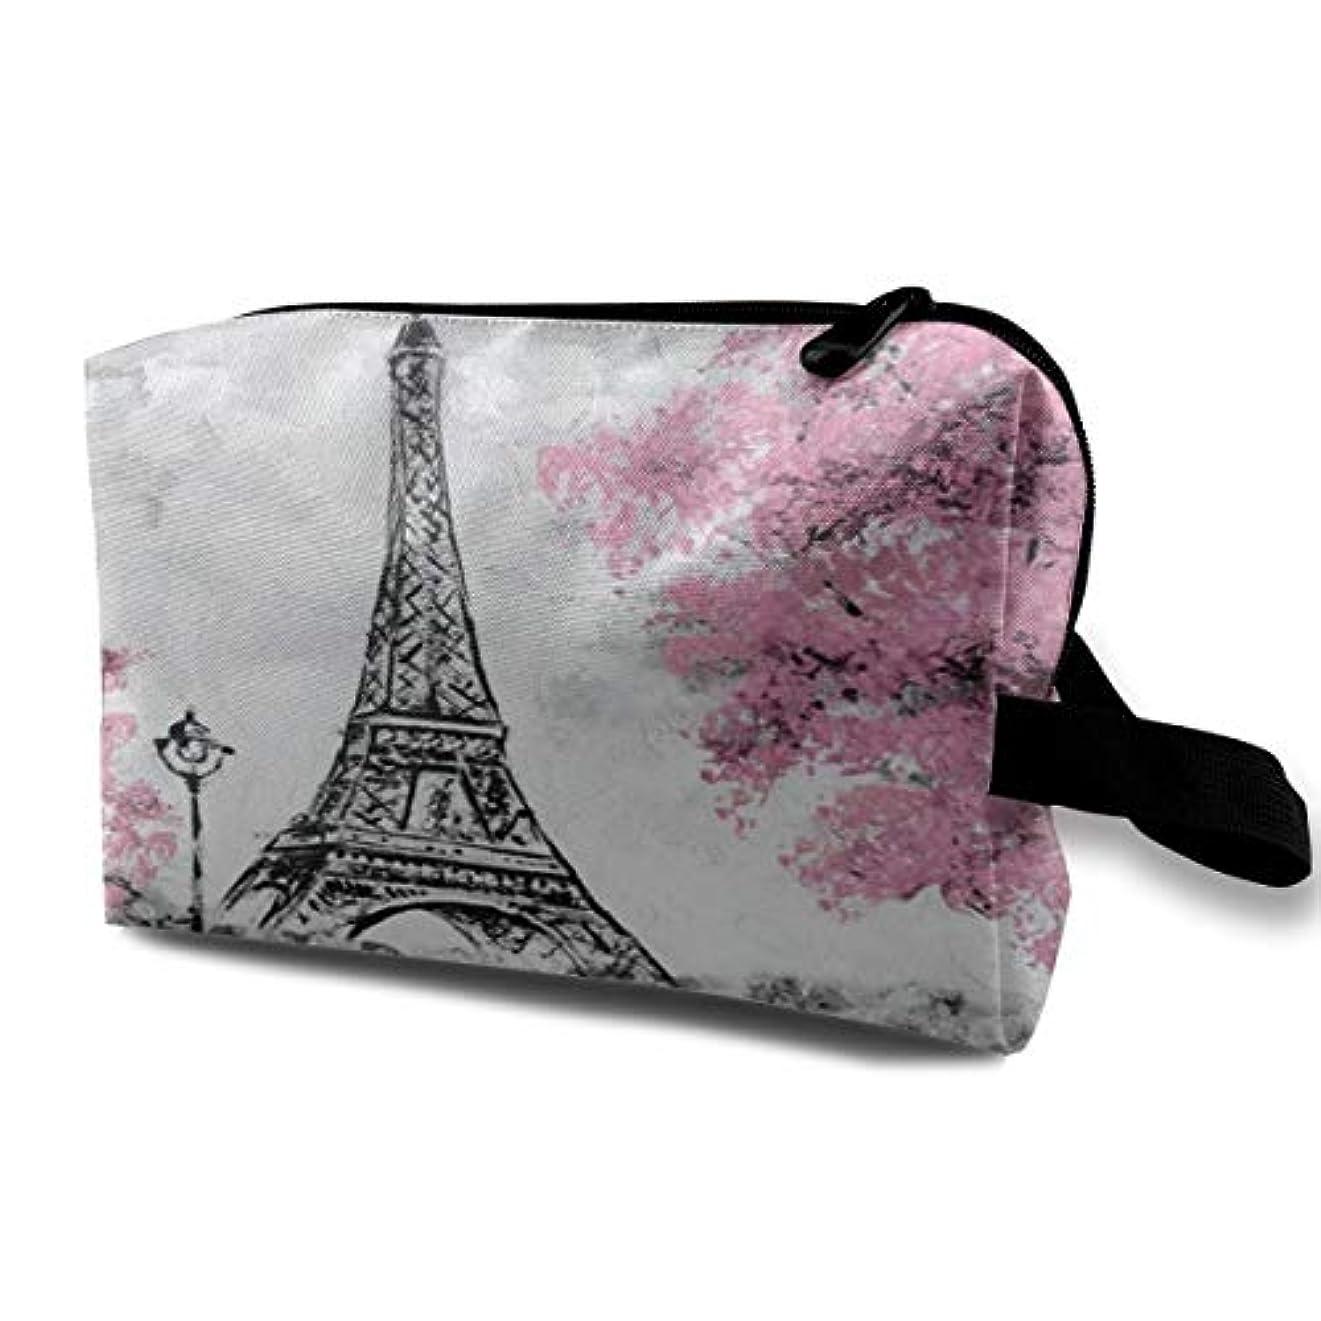 代表学ぶお香Art Watercolor Paris Eiffel Tower 収納ポーチ 化粧ポーチ 大容量 軽量 耐久性 ハンドル付持ち運び便利。入れ 自宅?出張?旅行?アウトドア撮影などに対応。メンズ レディース トラベルグッズ